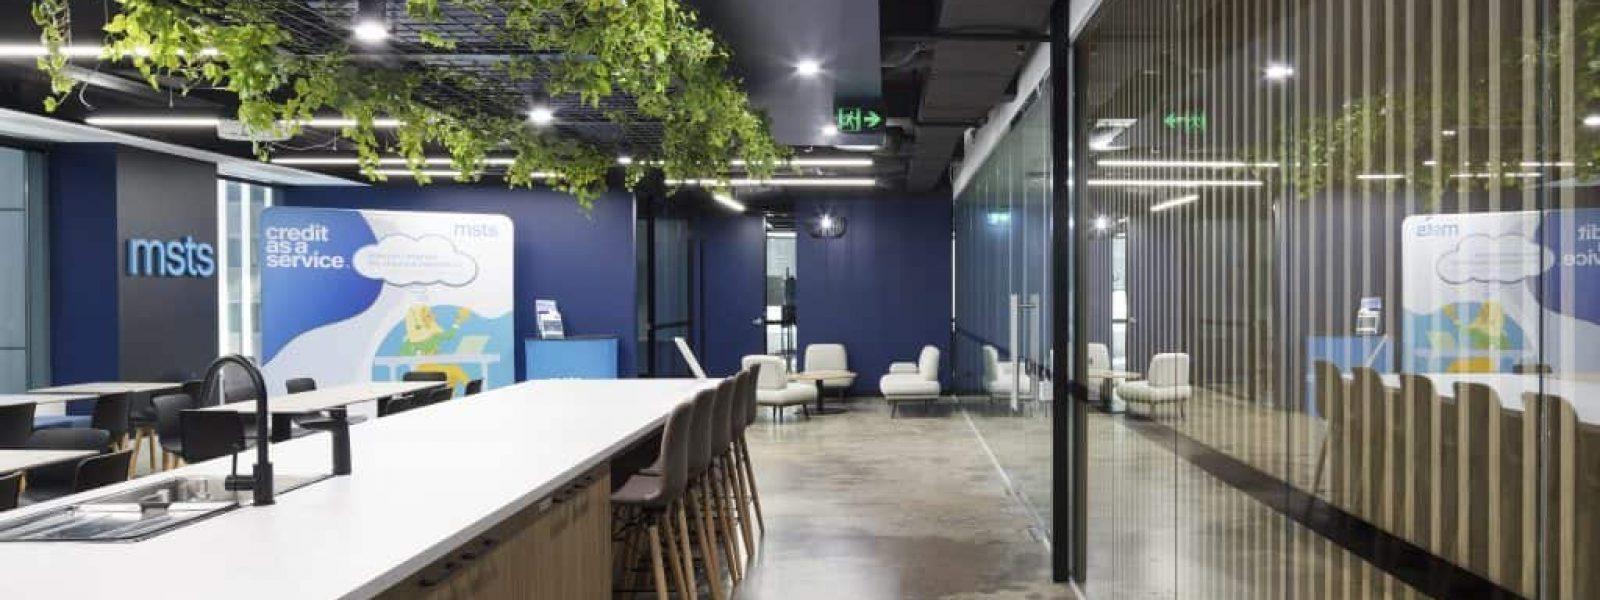 Office Fitouts Melbourne, MSTS | Contour Interiors